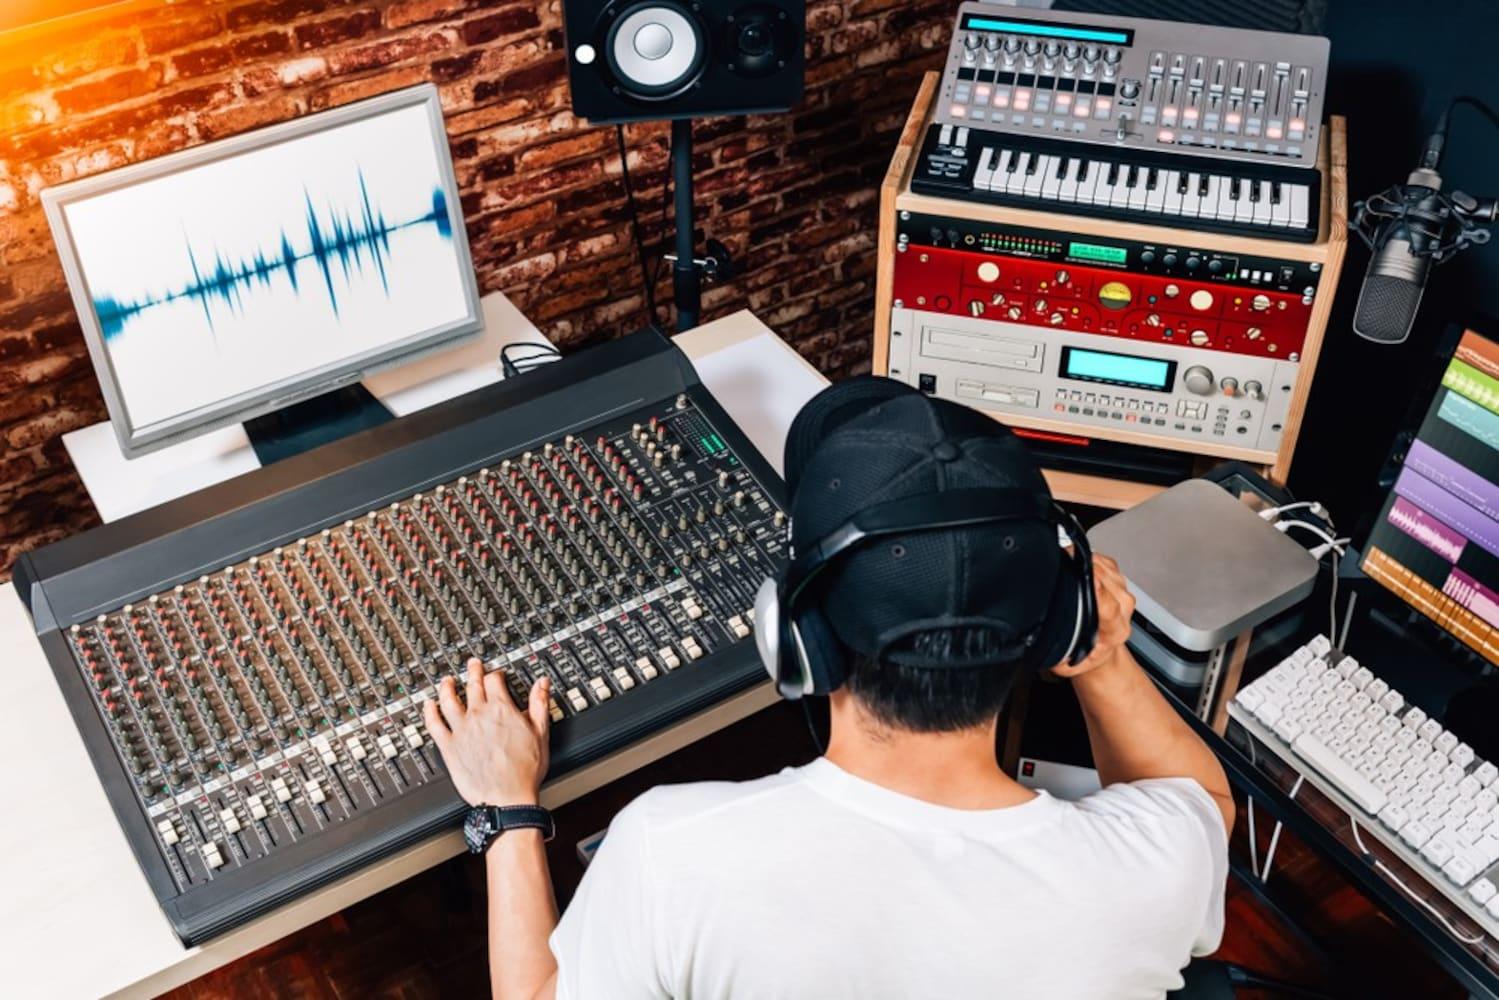 スタジオで作業をしているサウンドエンジニアの男性